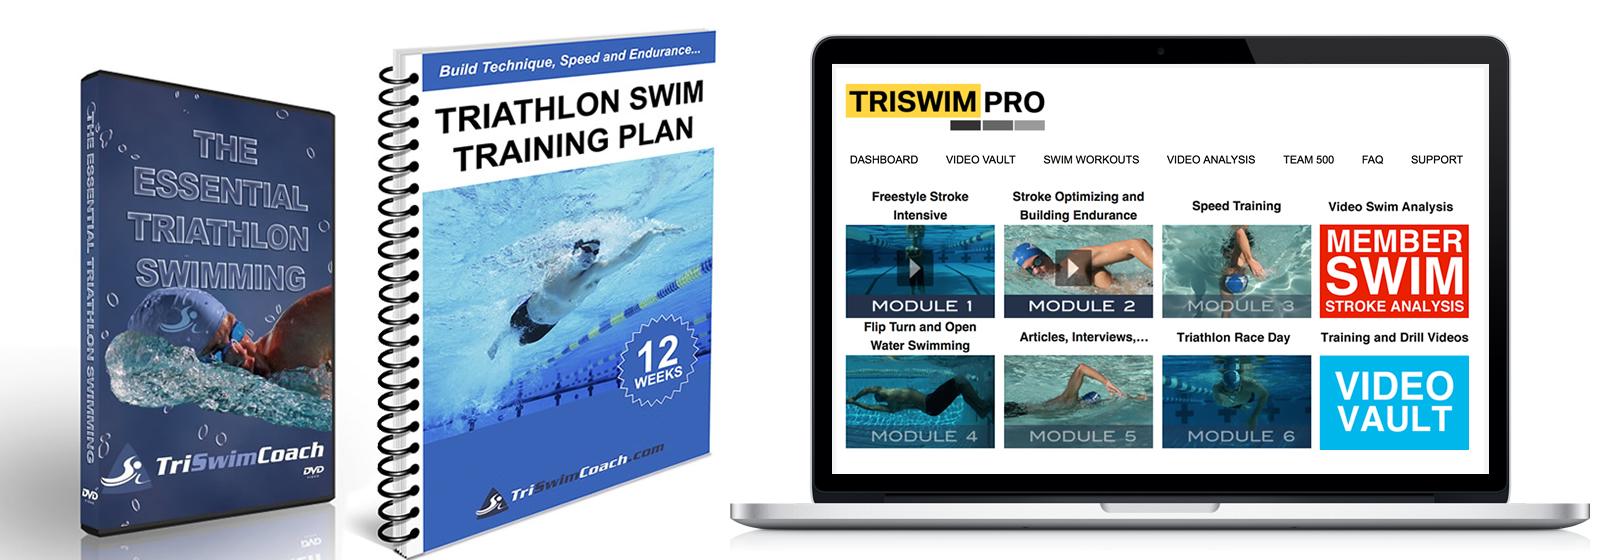 triswimpro-academy-training